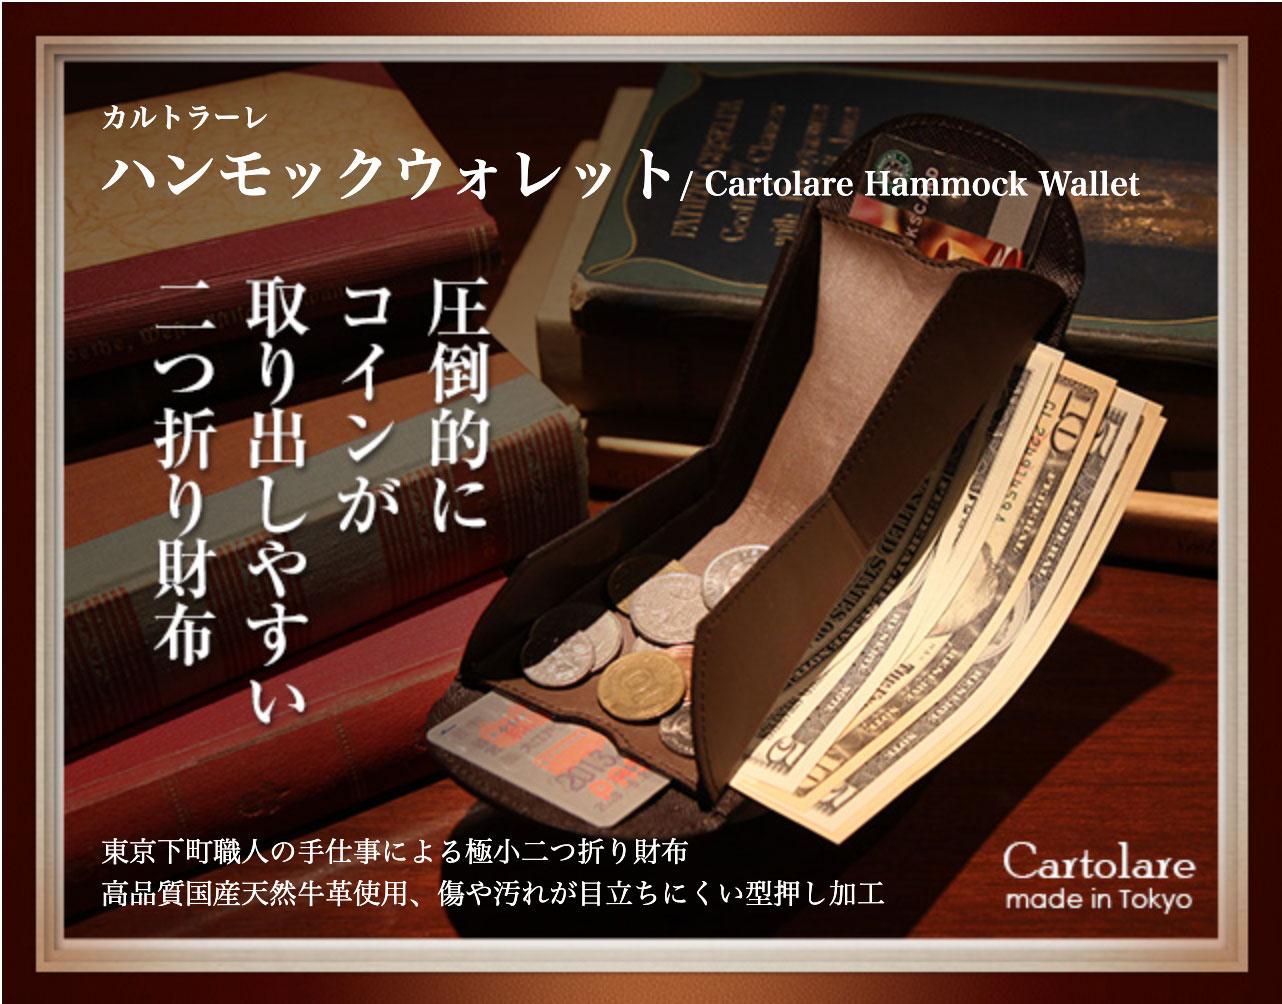 カルトラーレ ハンモックウォレット / Cartolare Hammock Wallet